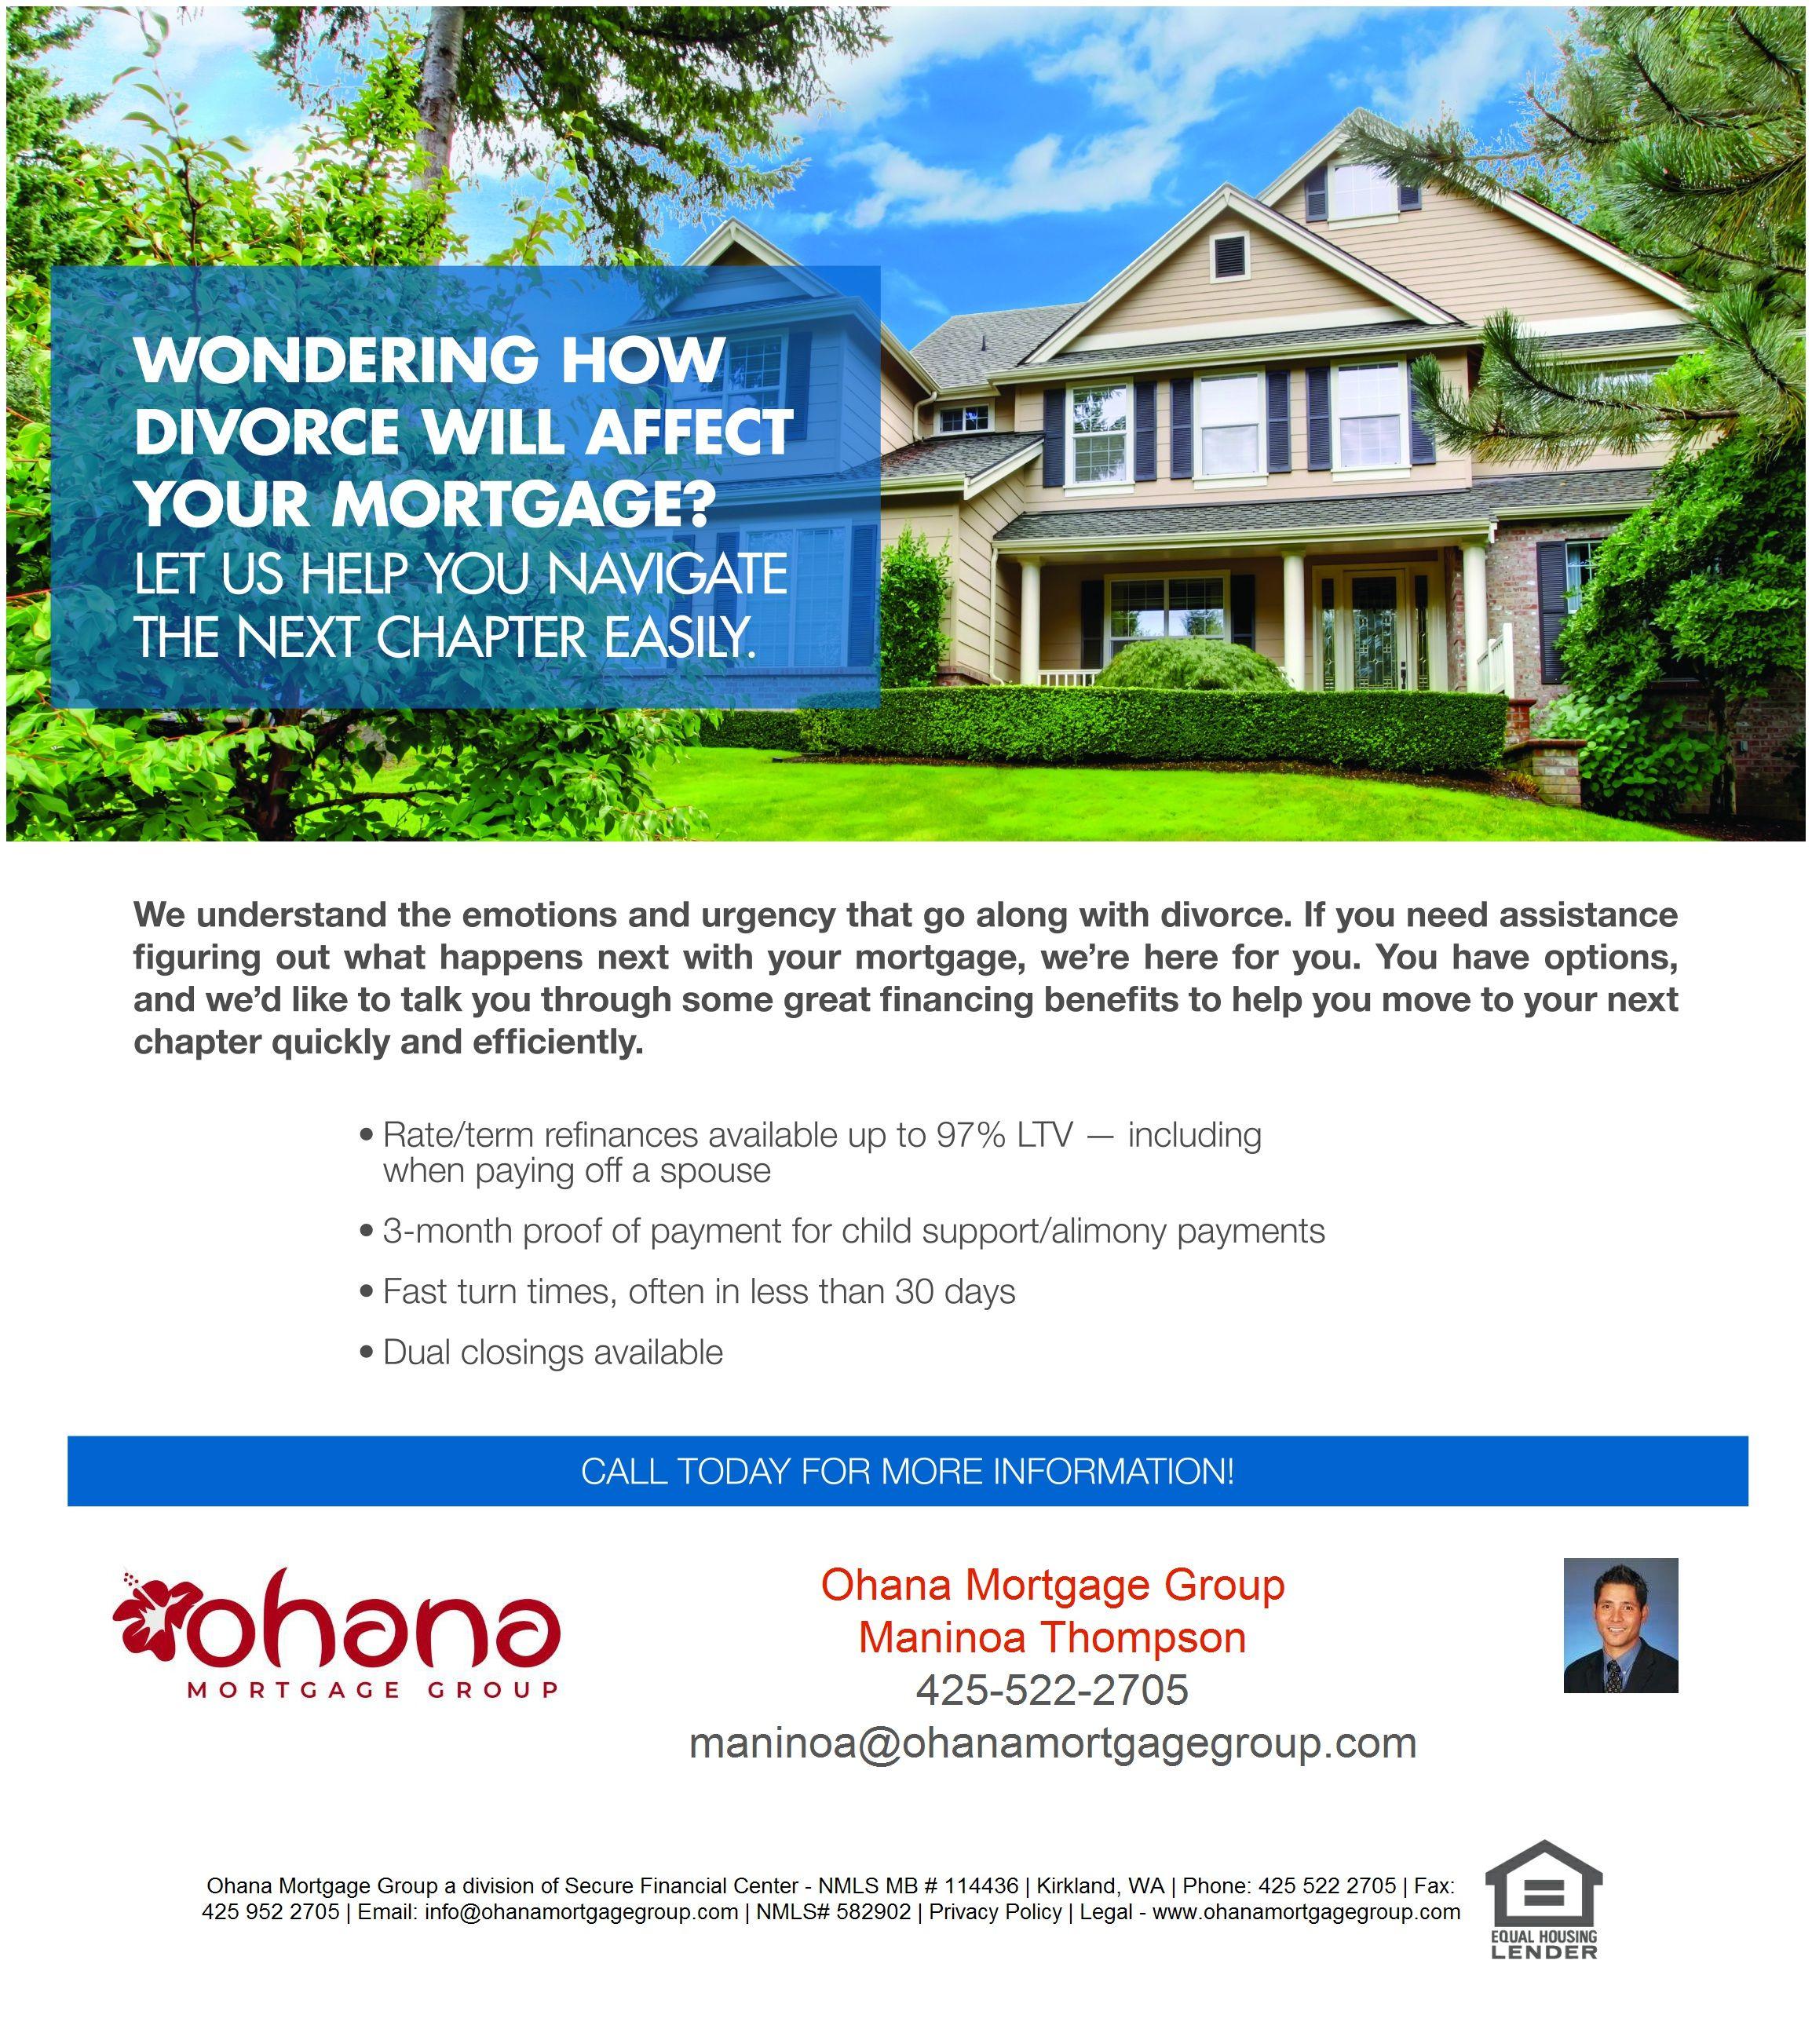 The Next Chapter After Divorce Home Loans Puget Sound Washington Divorce